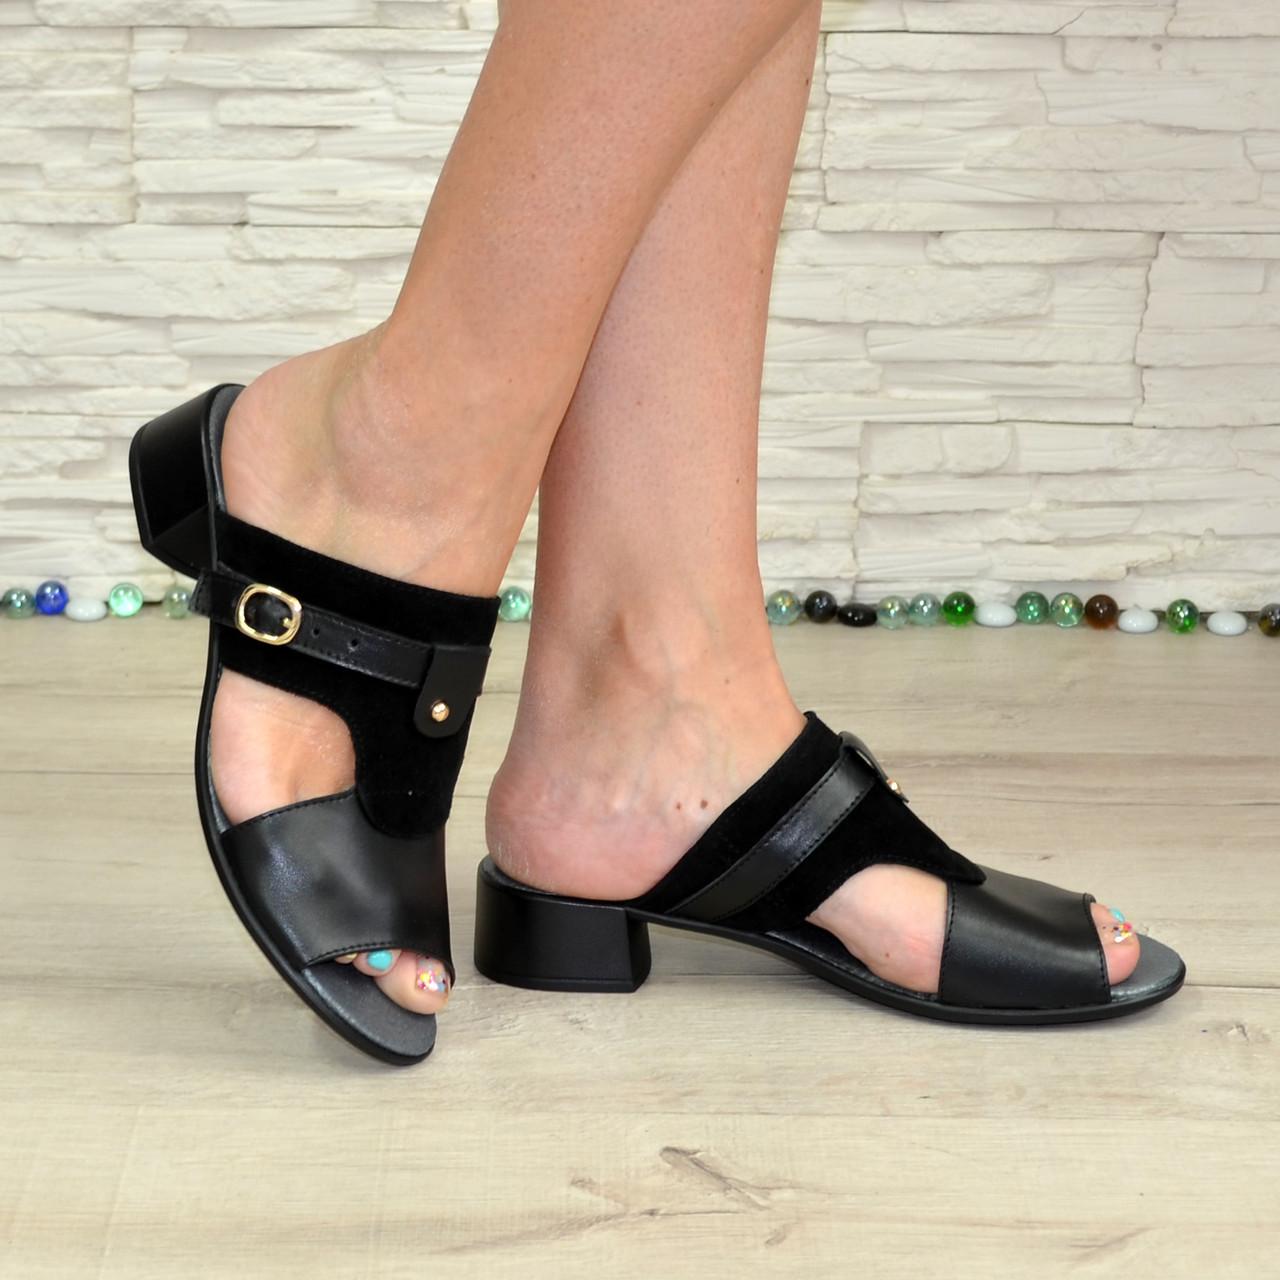 Женские кожаные черные шлепанцы на невысоком каблуке. В наличии 36 размеры